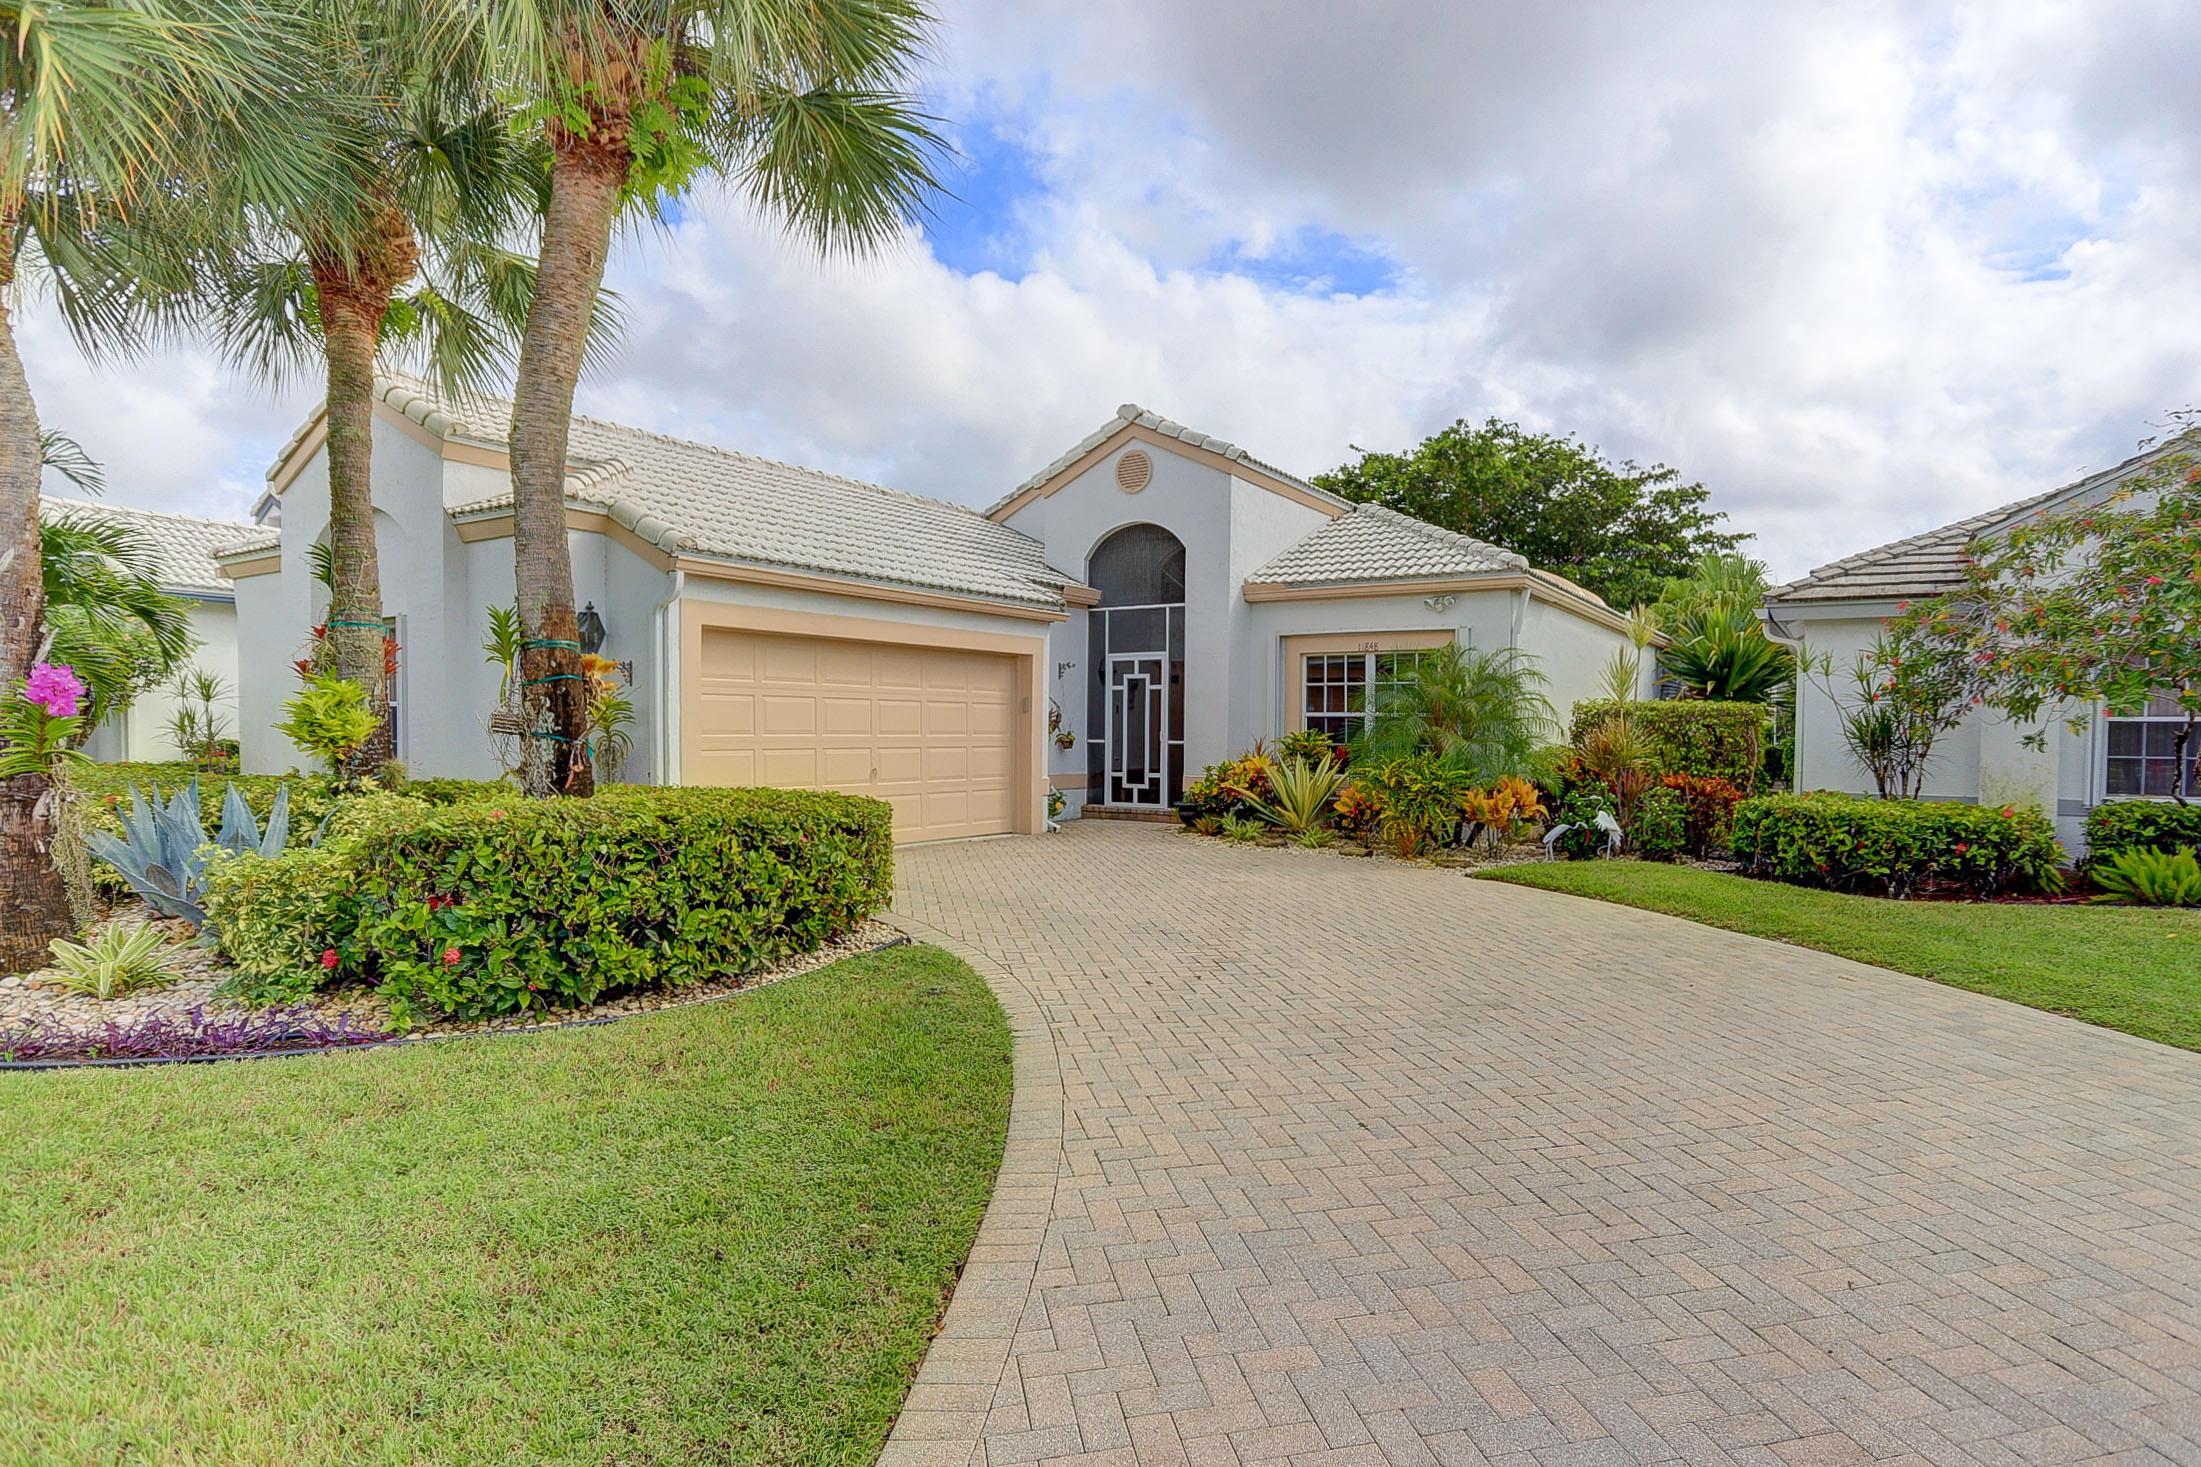 Details for 11848 Fountainside Circle, Boynton Beach, FL 33437